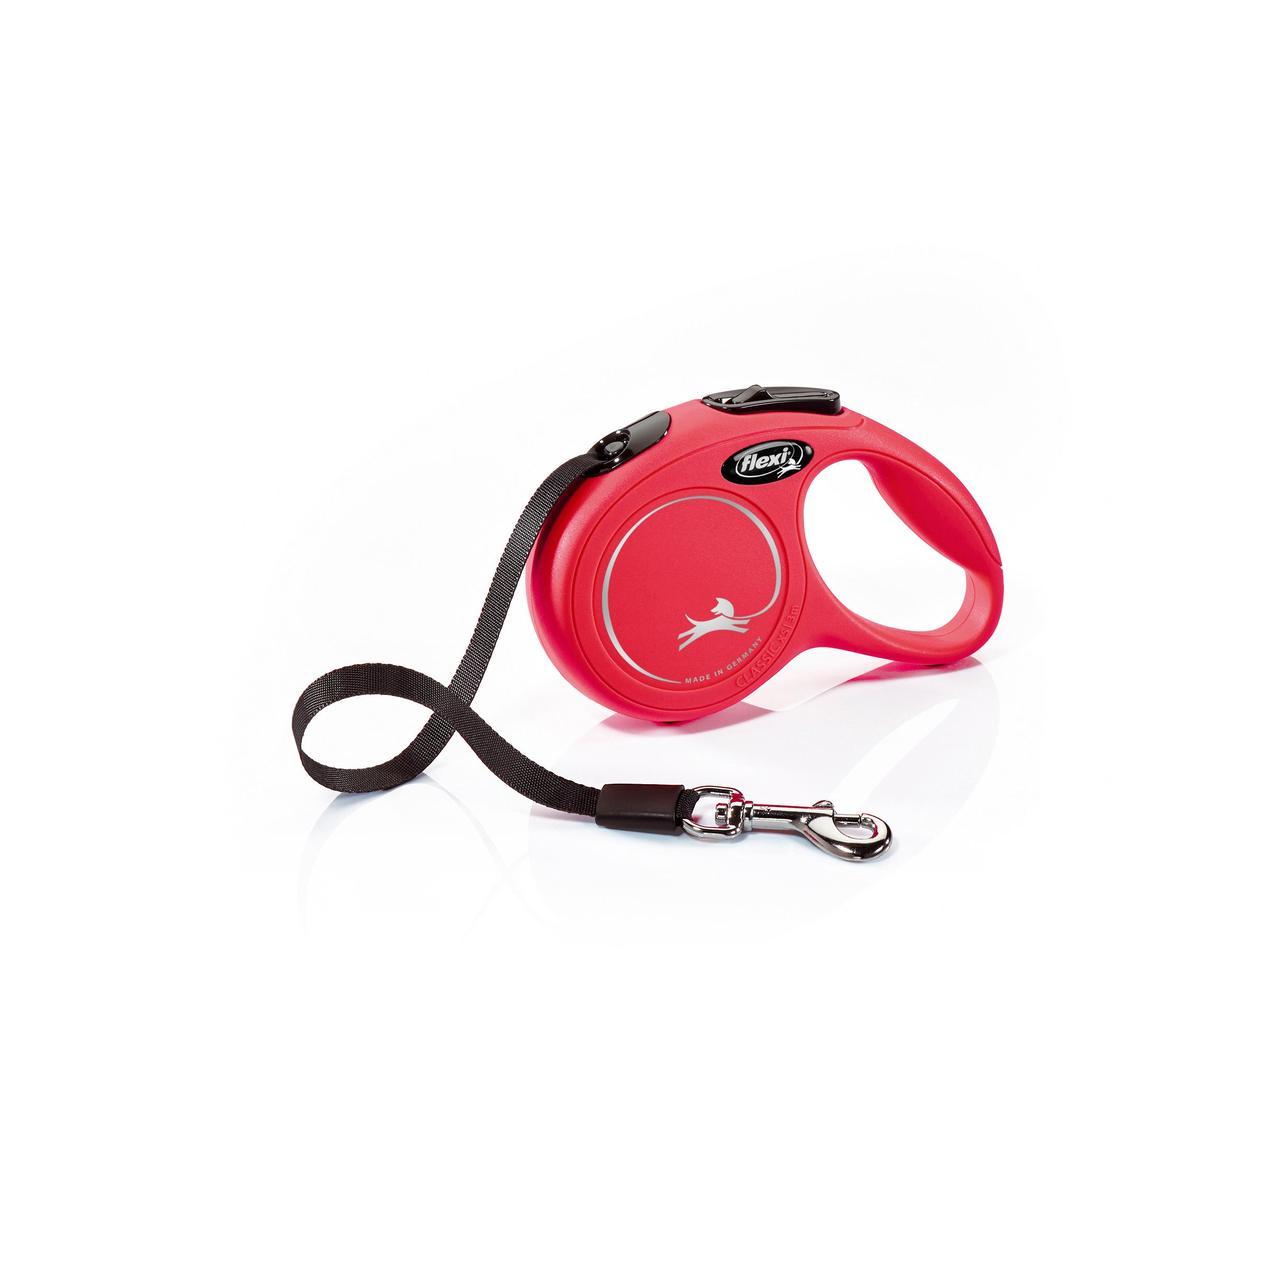 Поводок-рулетка Flexi зі стрічкою New Classic XS 3 м / 12 кг червона